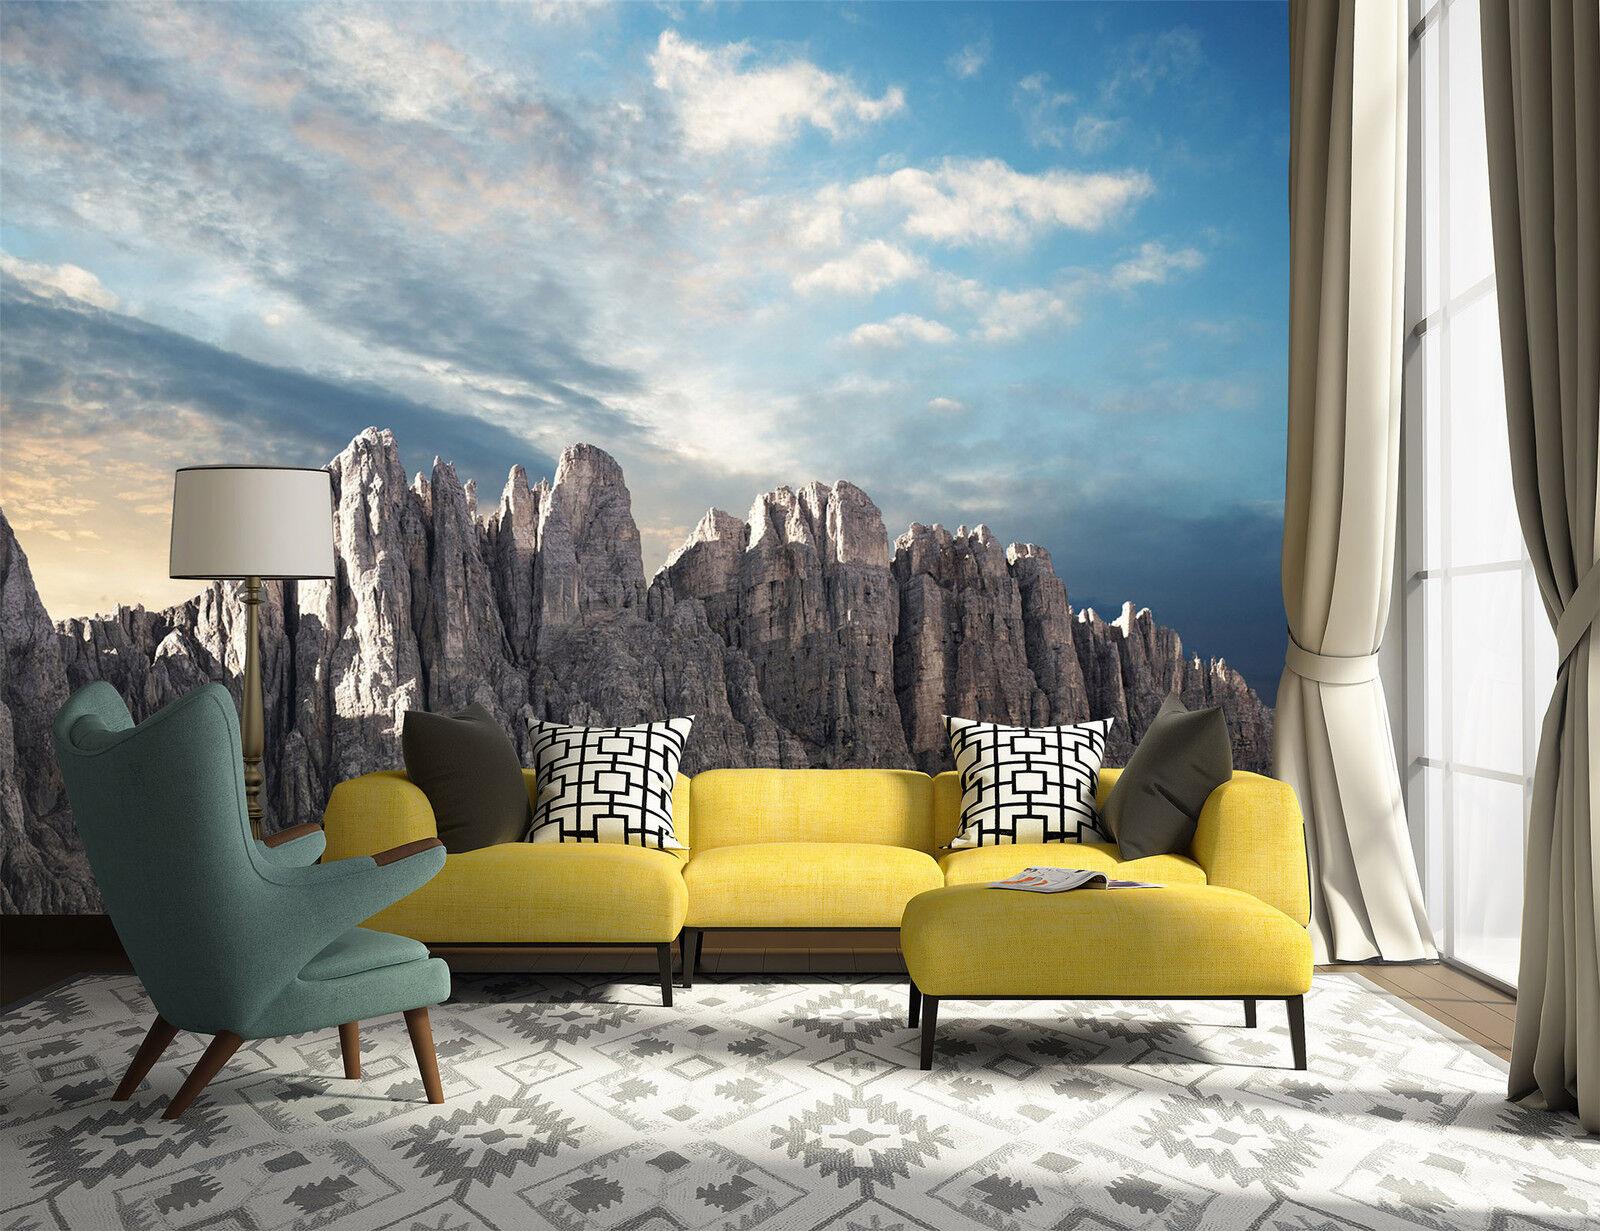 3D Himmel Berg Fototapeten Wandbild Fototapete Bild Tapete Familie Kinder